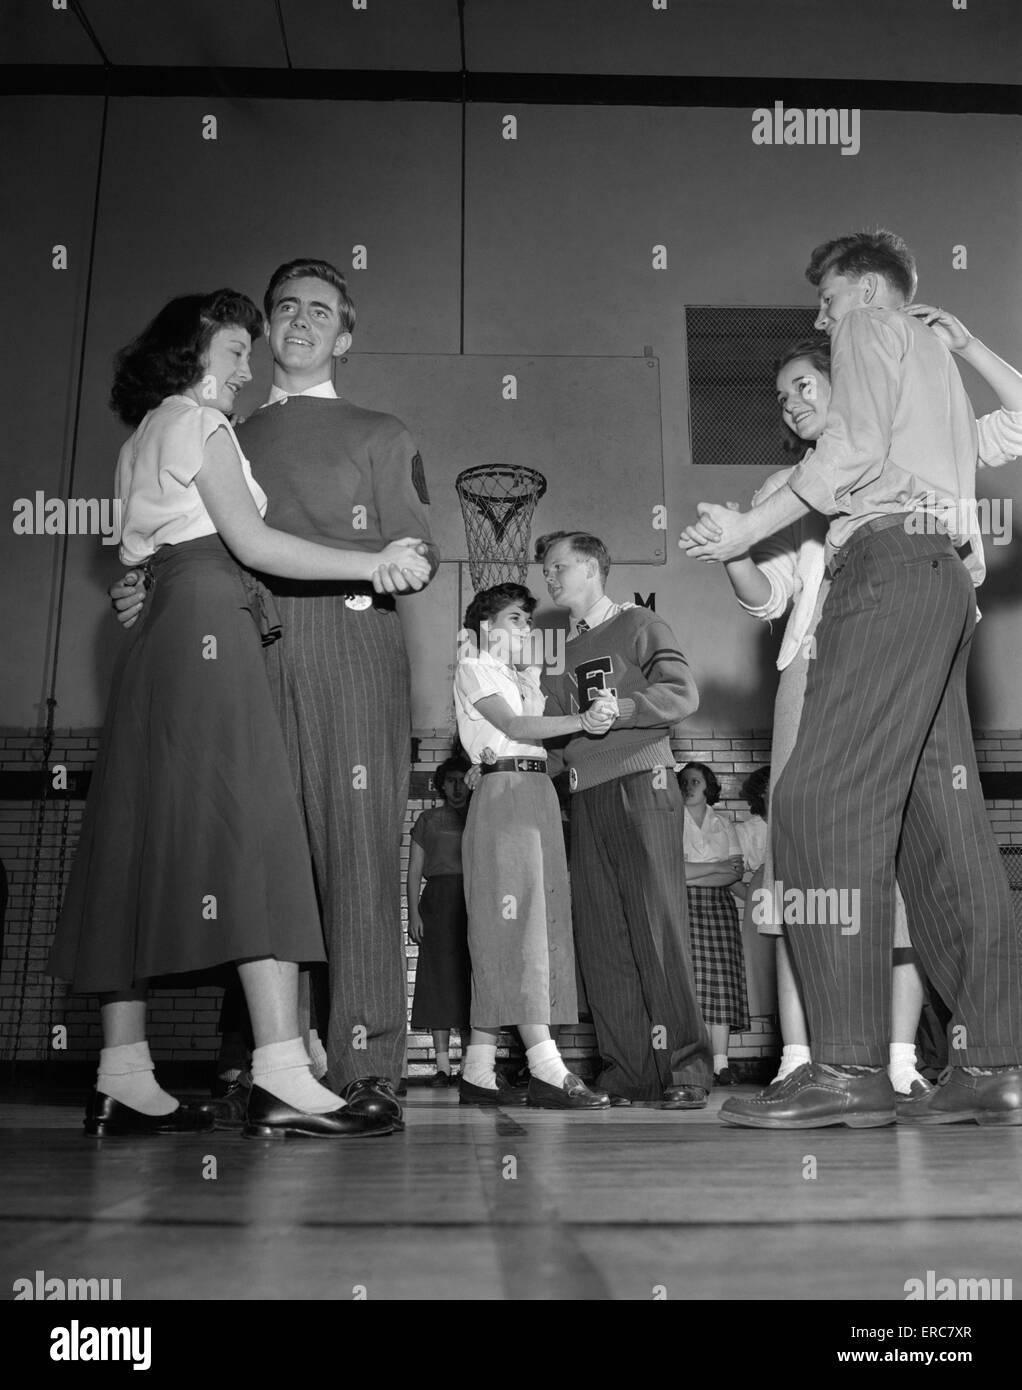 School Fashion S Boys 1950 High